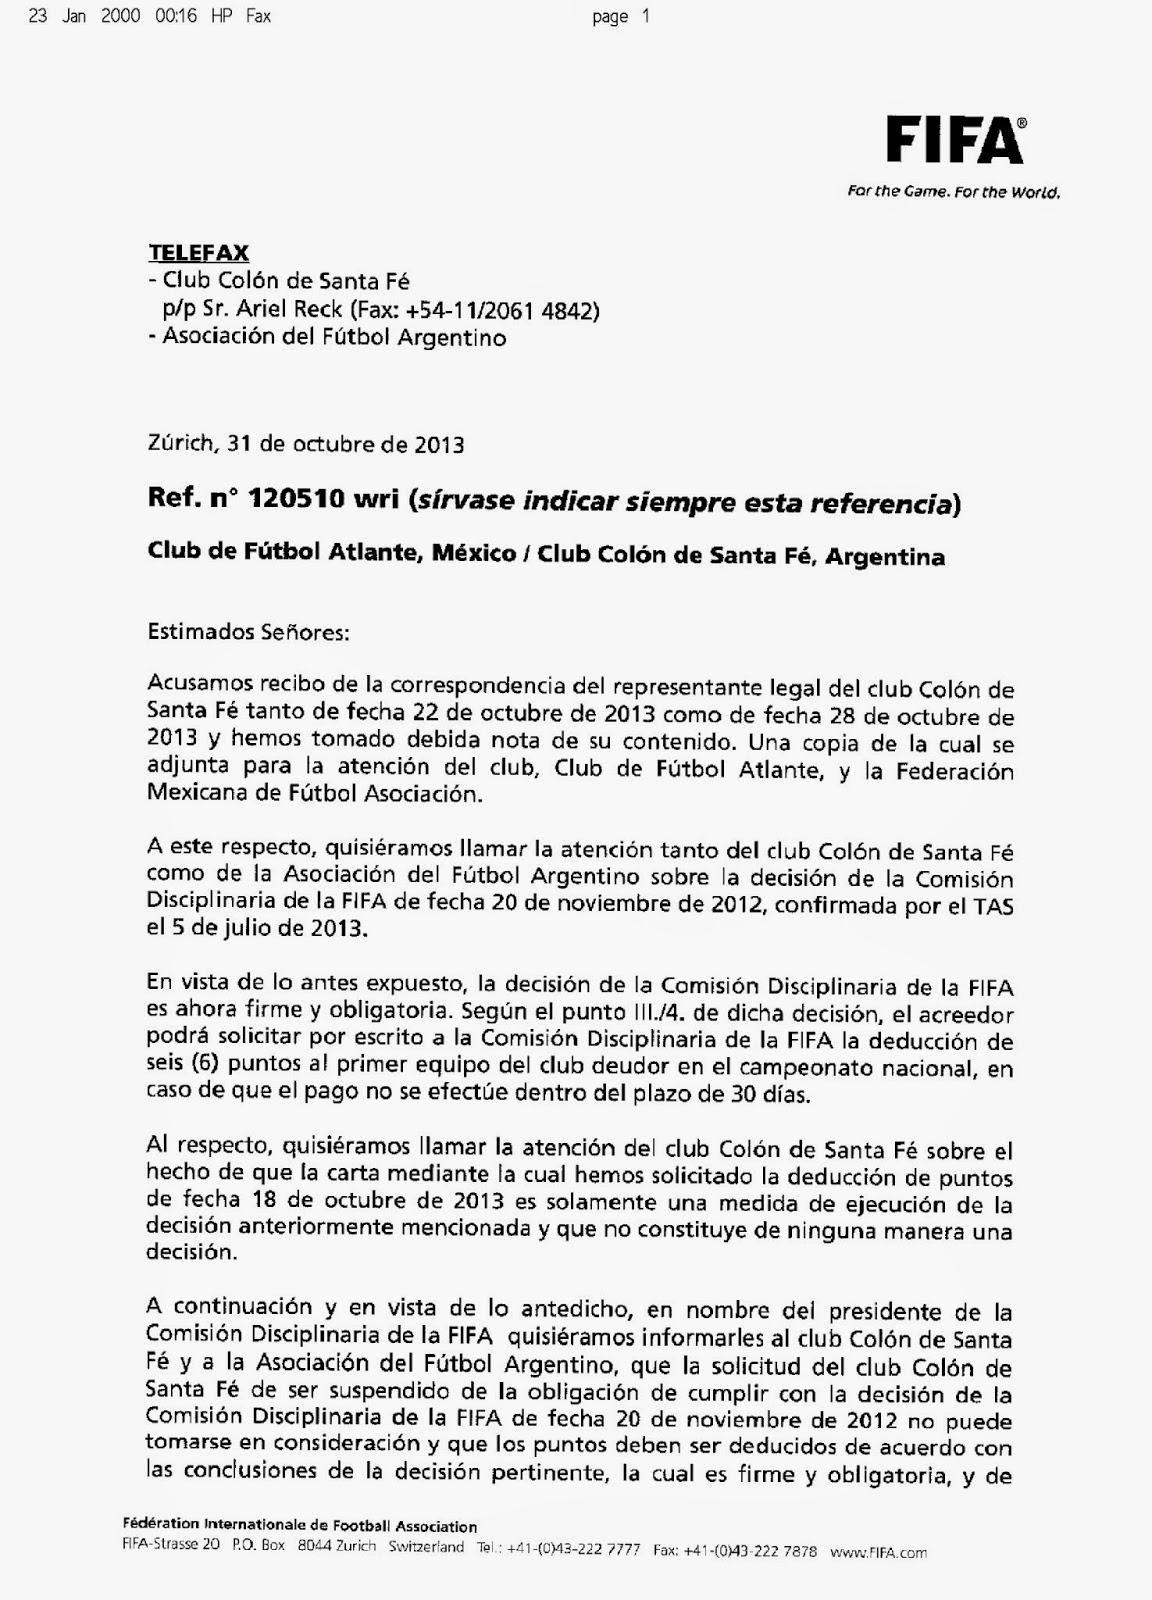 Resolución de FIFA: quita de 6 puntos para Colón.